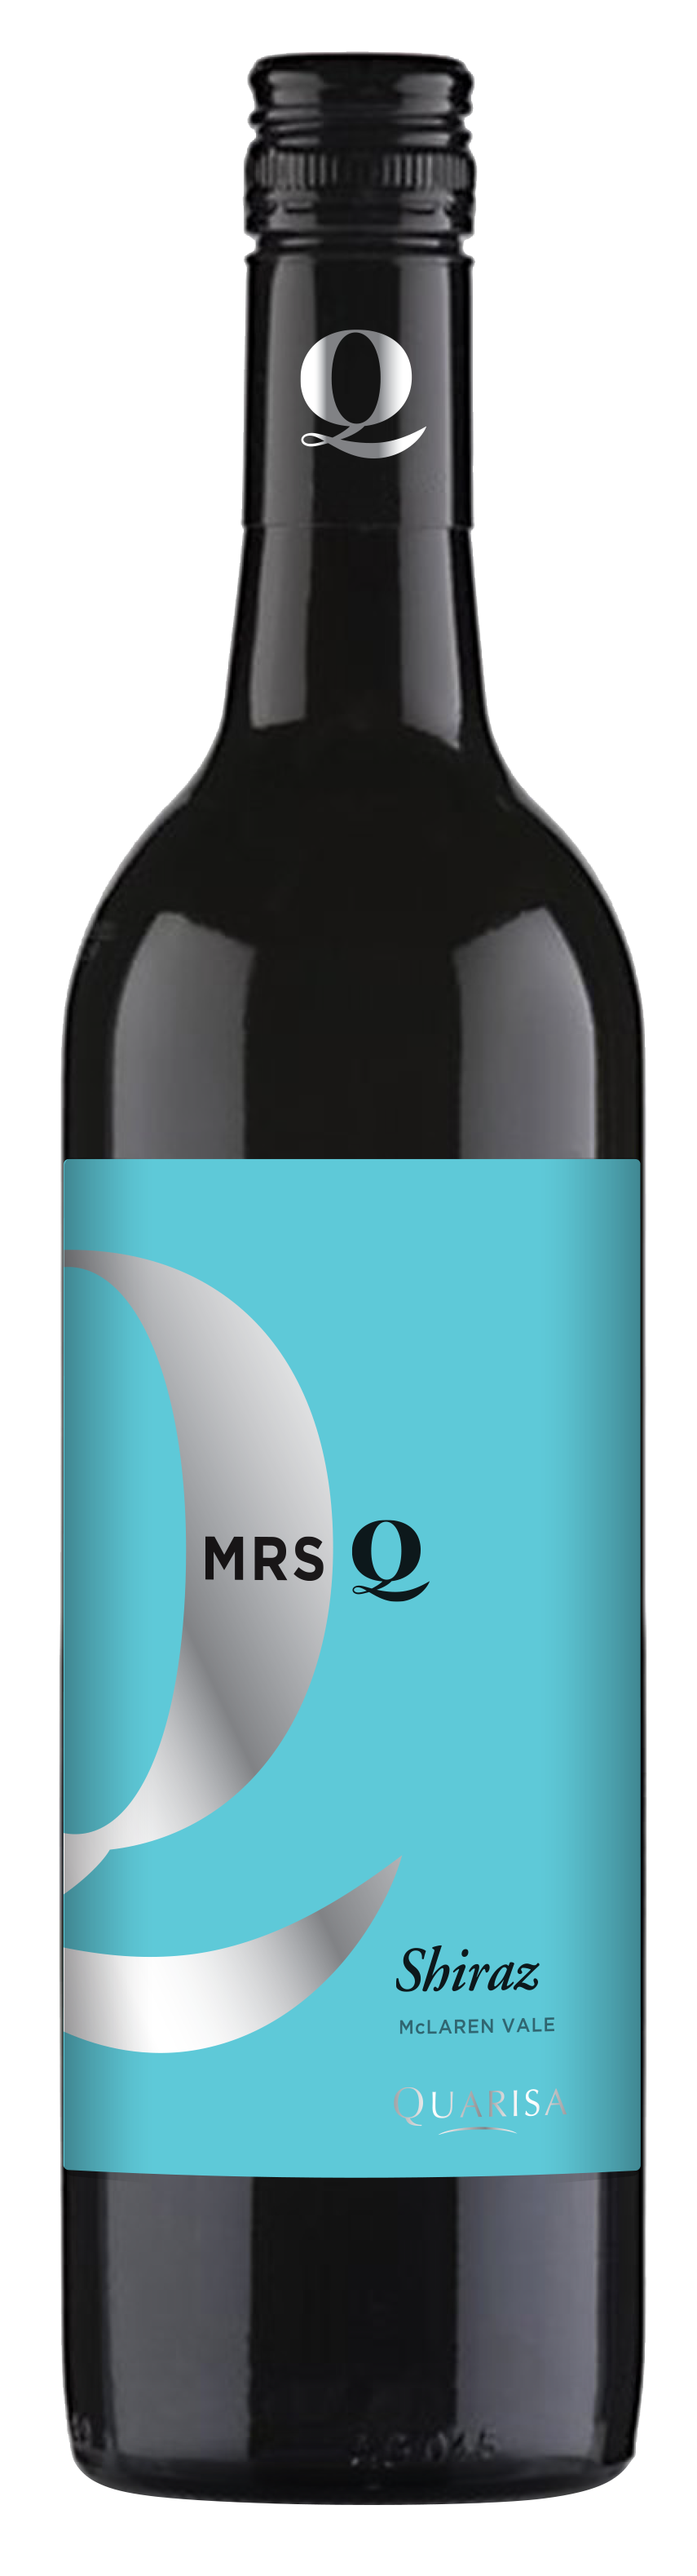 Mrs Q Shiraz Mclaren Vale 750ml